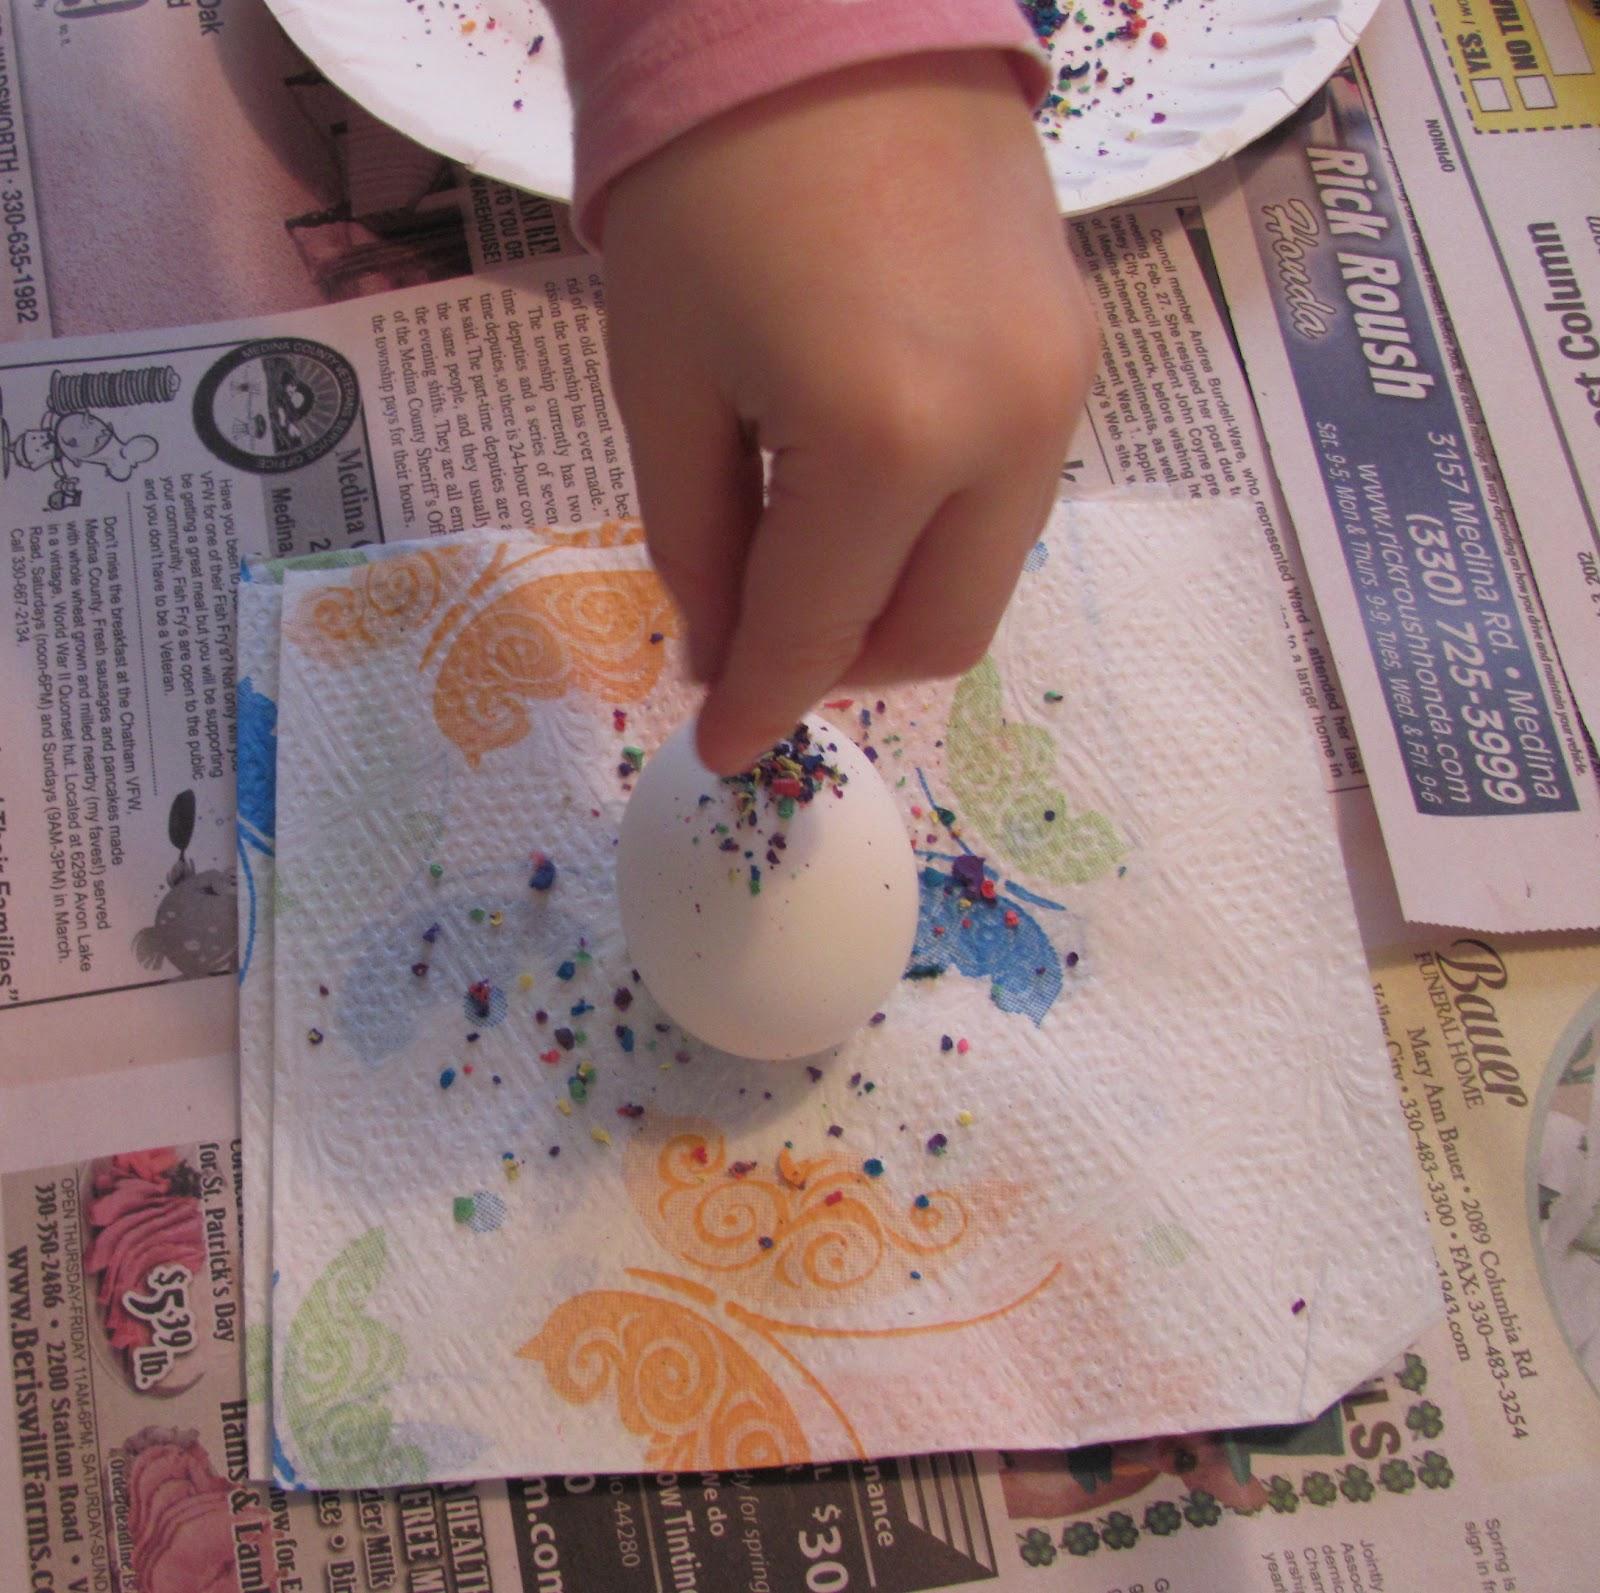 Groß Crayola Malvorlagen Für St. Patricks Day Bilder - Malvorlagen ...